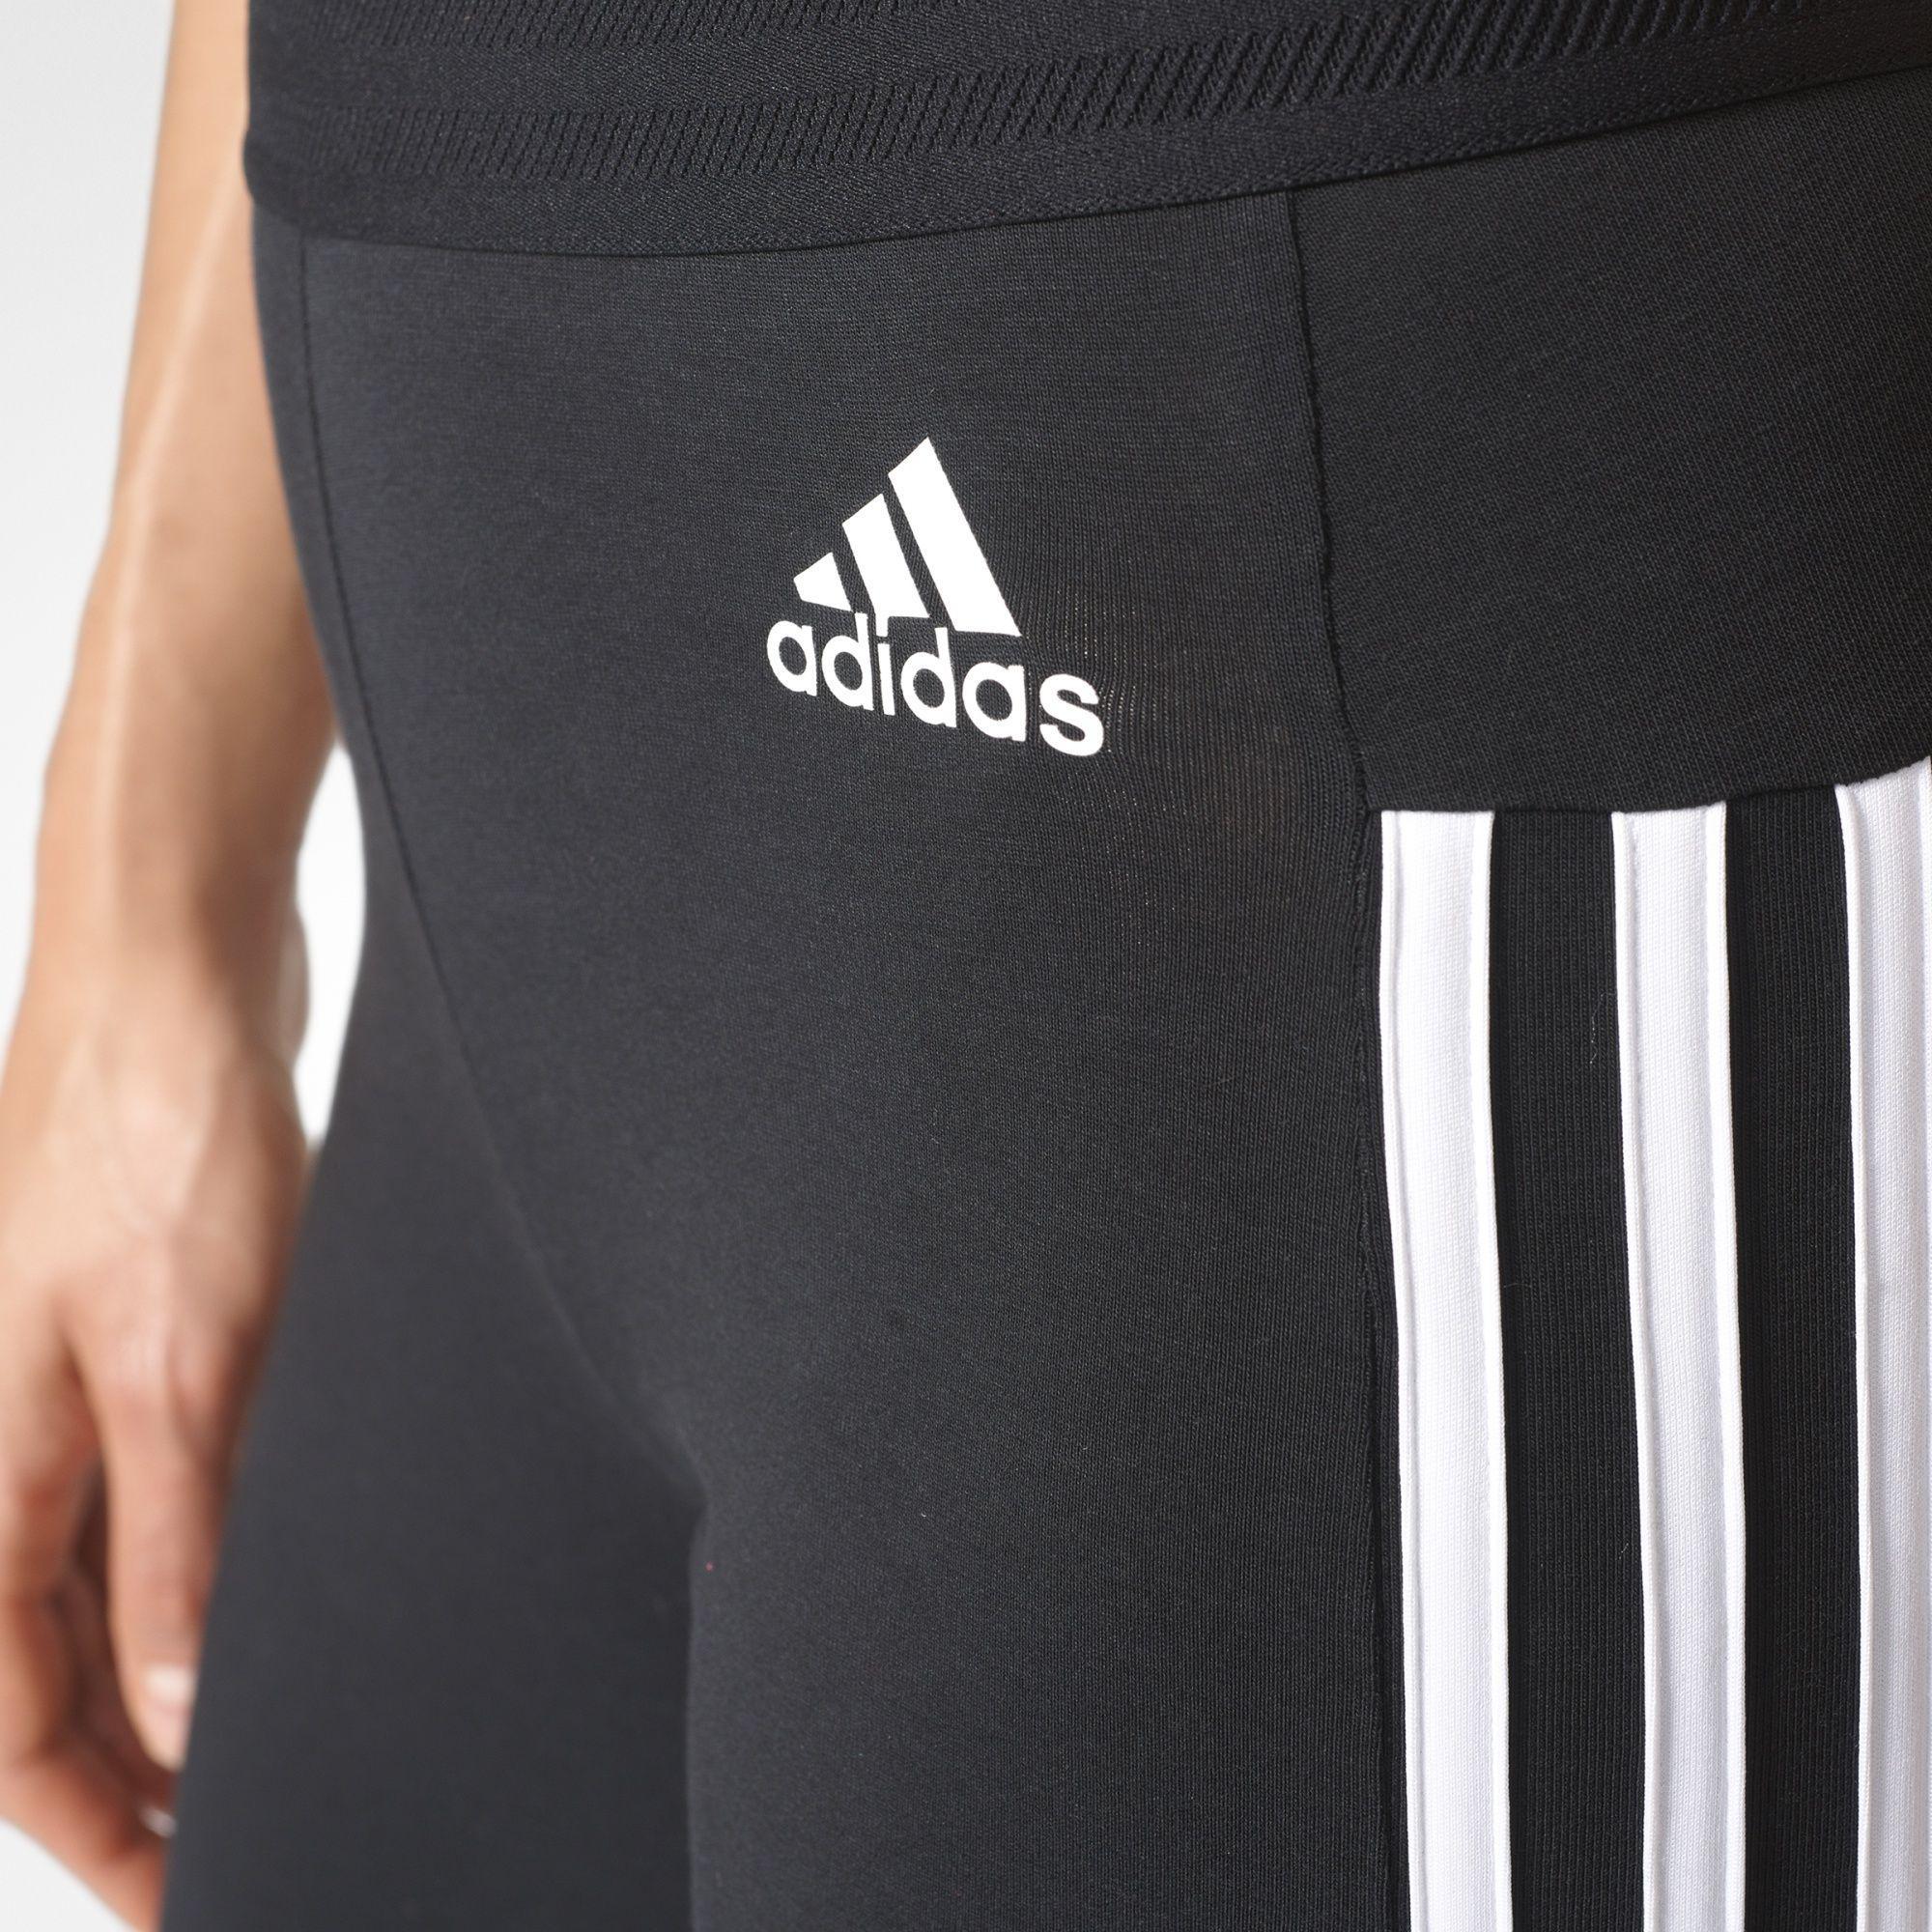 98f452a7ec55 Adidas Womens Essentials 3-Stripe Tights - Black - Tennisnuts.com